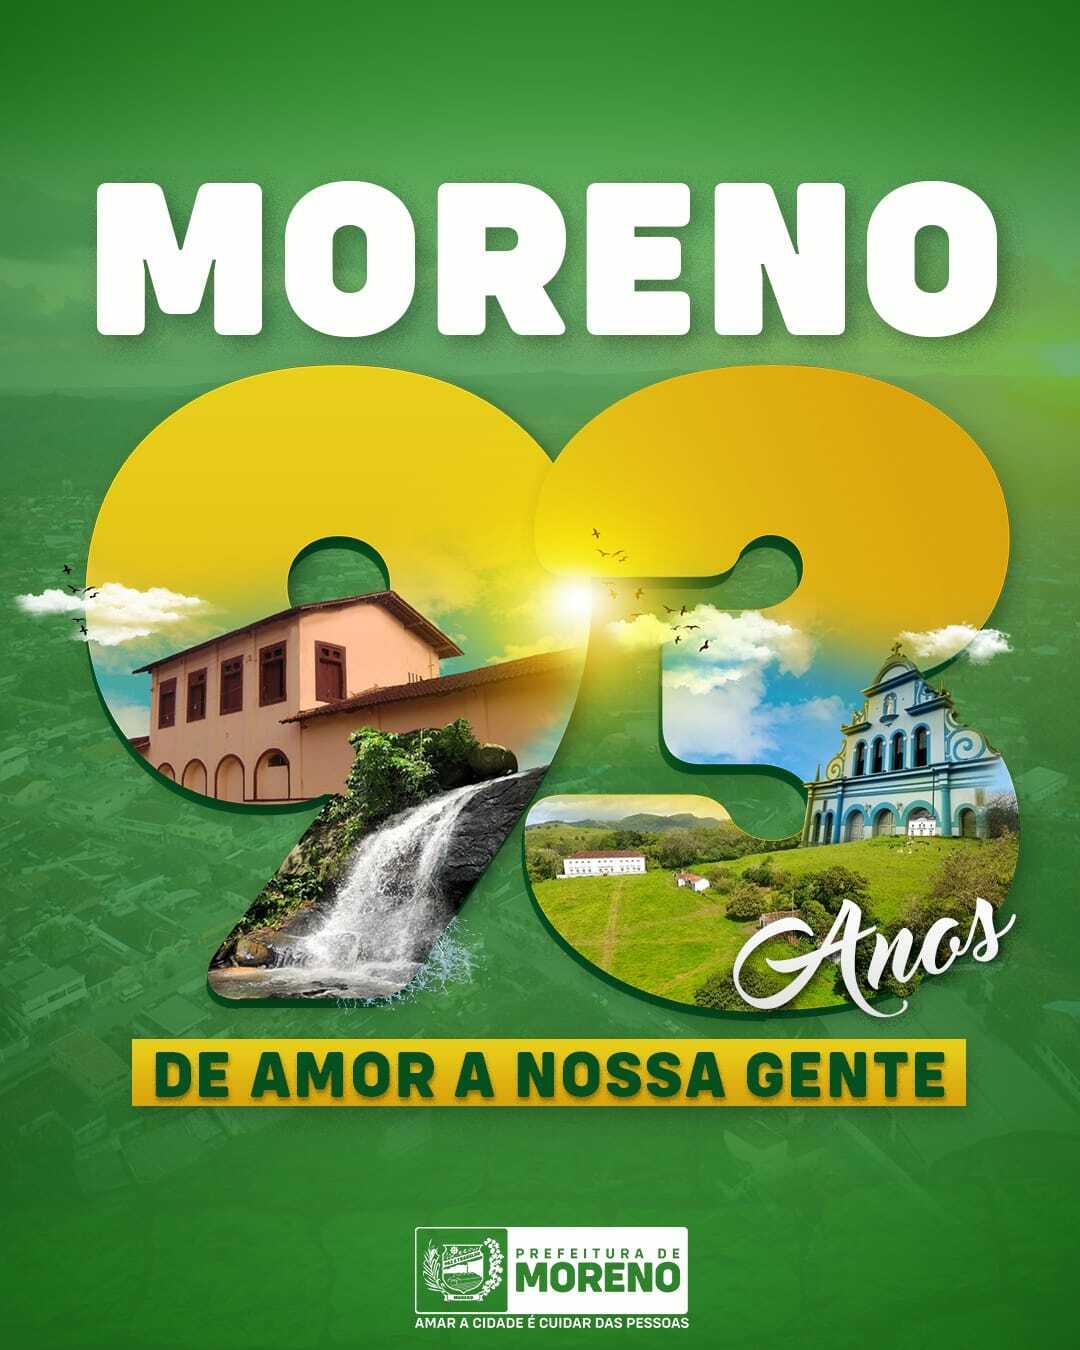 SECRETARIA MUNICIPAL DE EDUCAÇÃO DE MORENO PARTICIPA DO MOMENTO CÍVICO PARA HASTEAMENTO DA BANDEIRA